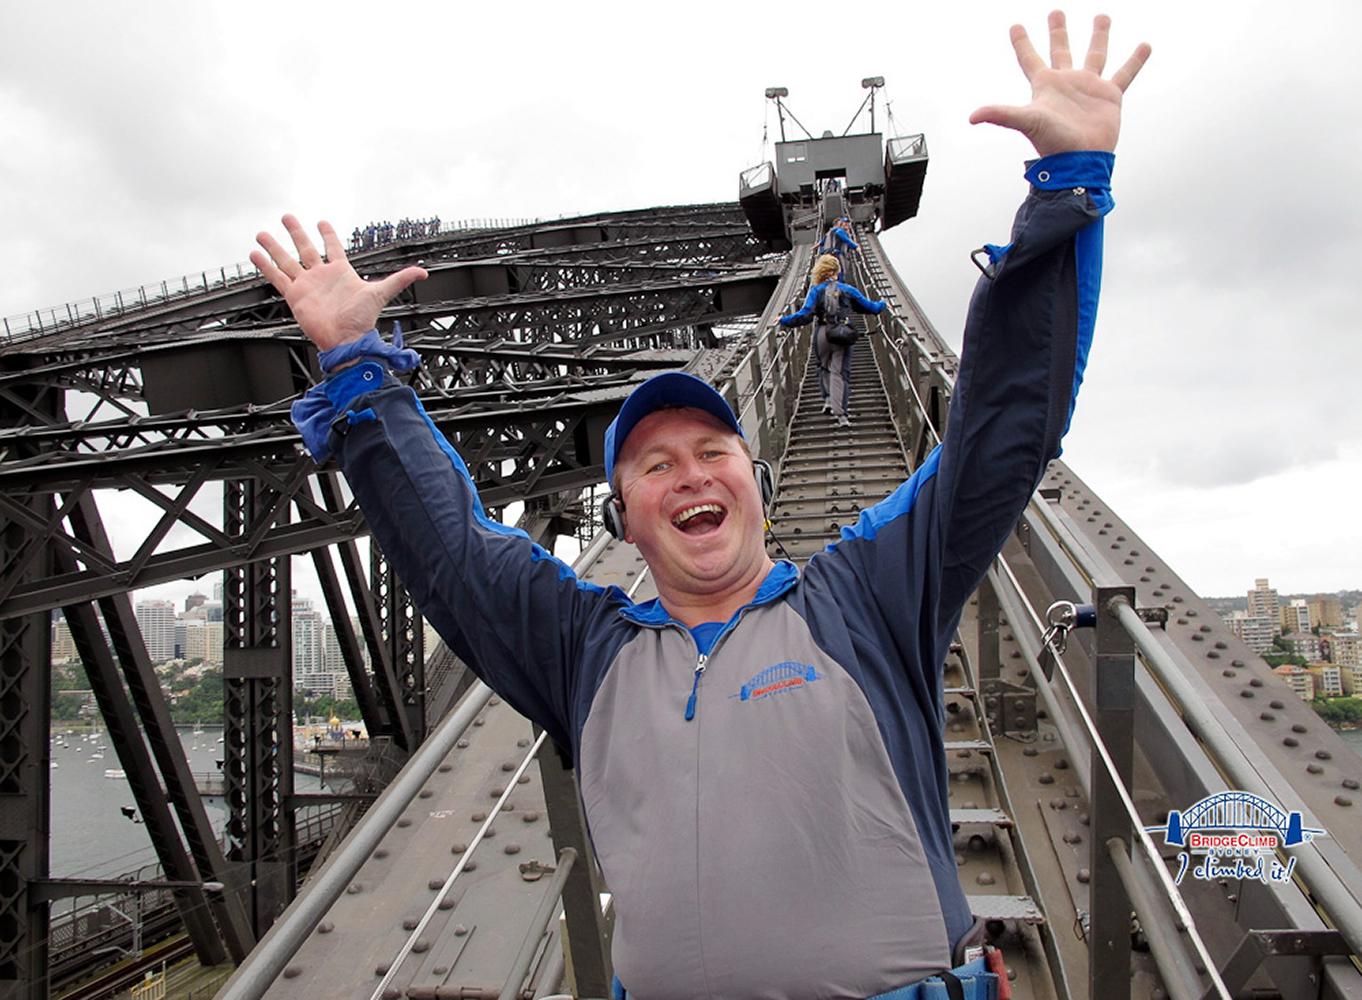 Sydney, Australia. Climbing the famous Sydney harbour bridge